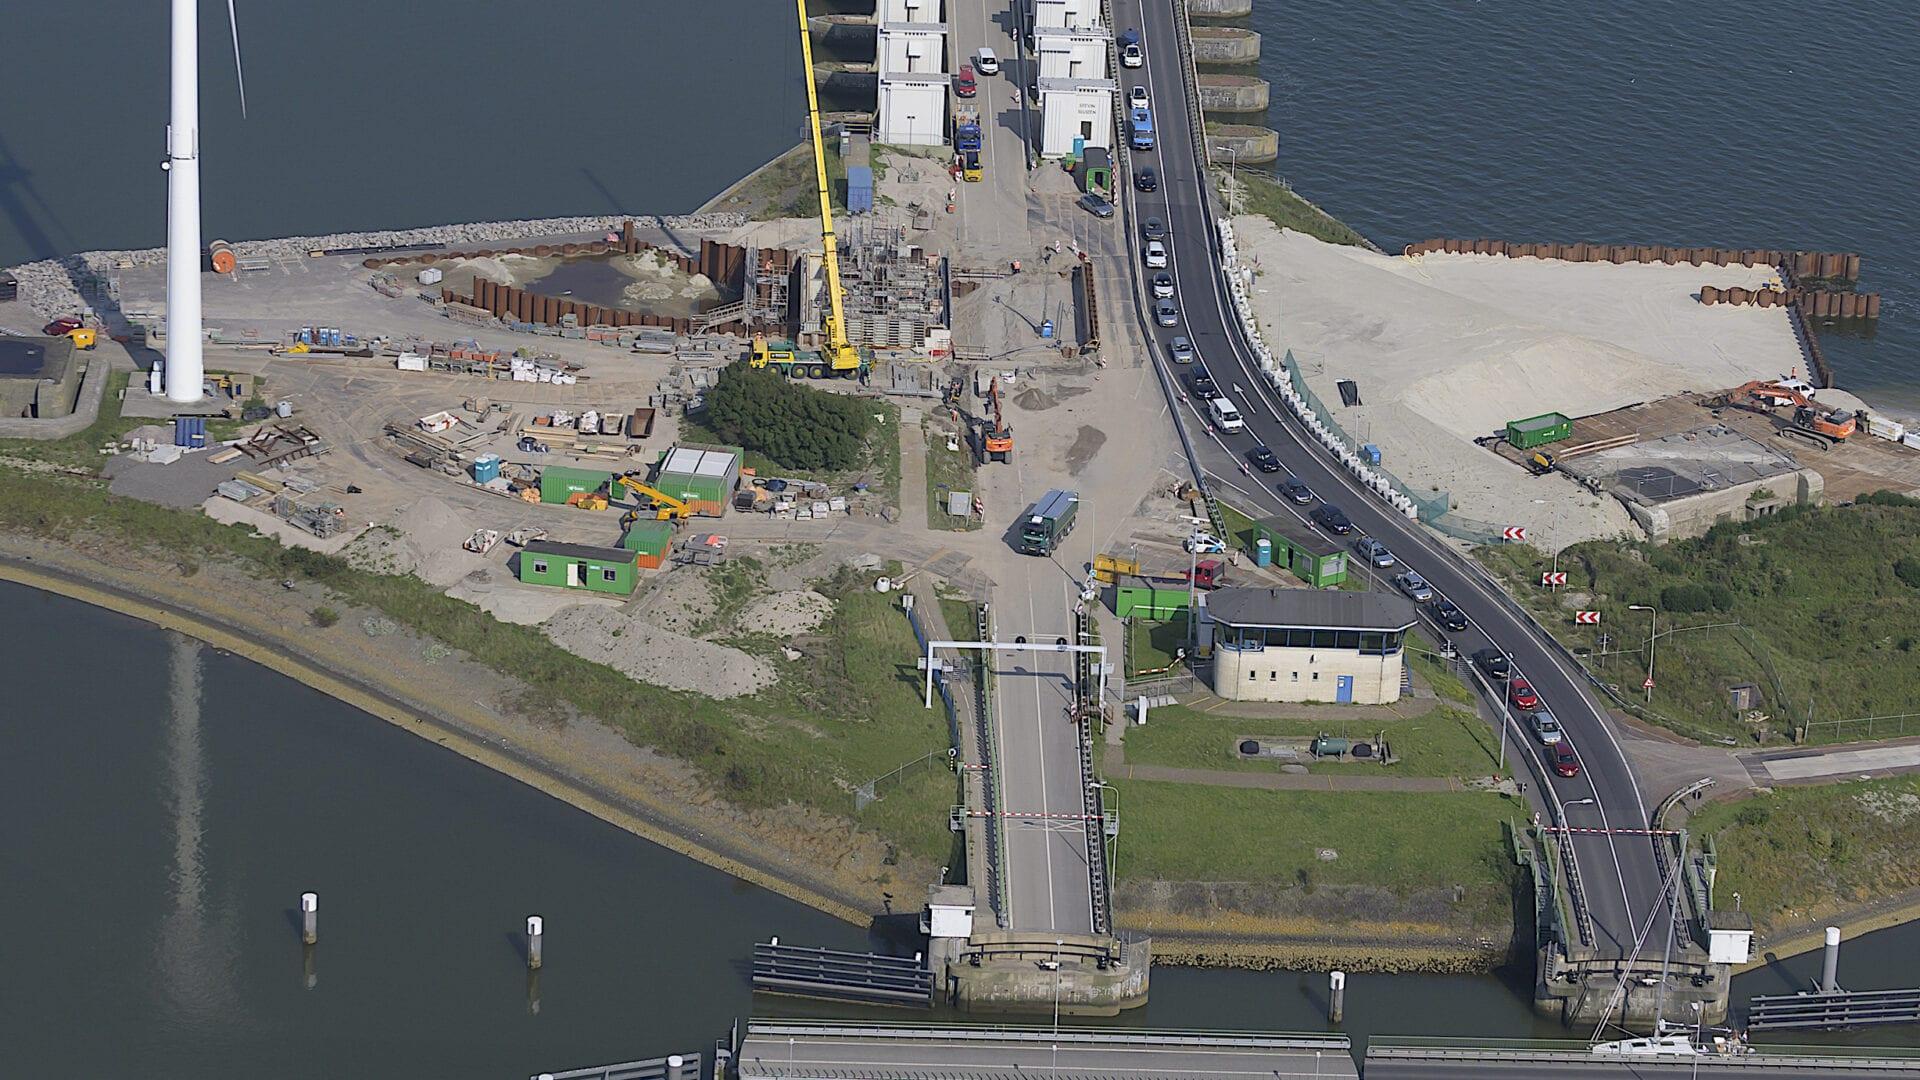 Van boven kijken we uit op de Afsluitdijk. We zien water, de weg en sluizen.